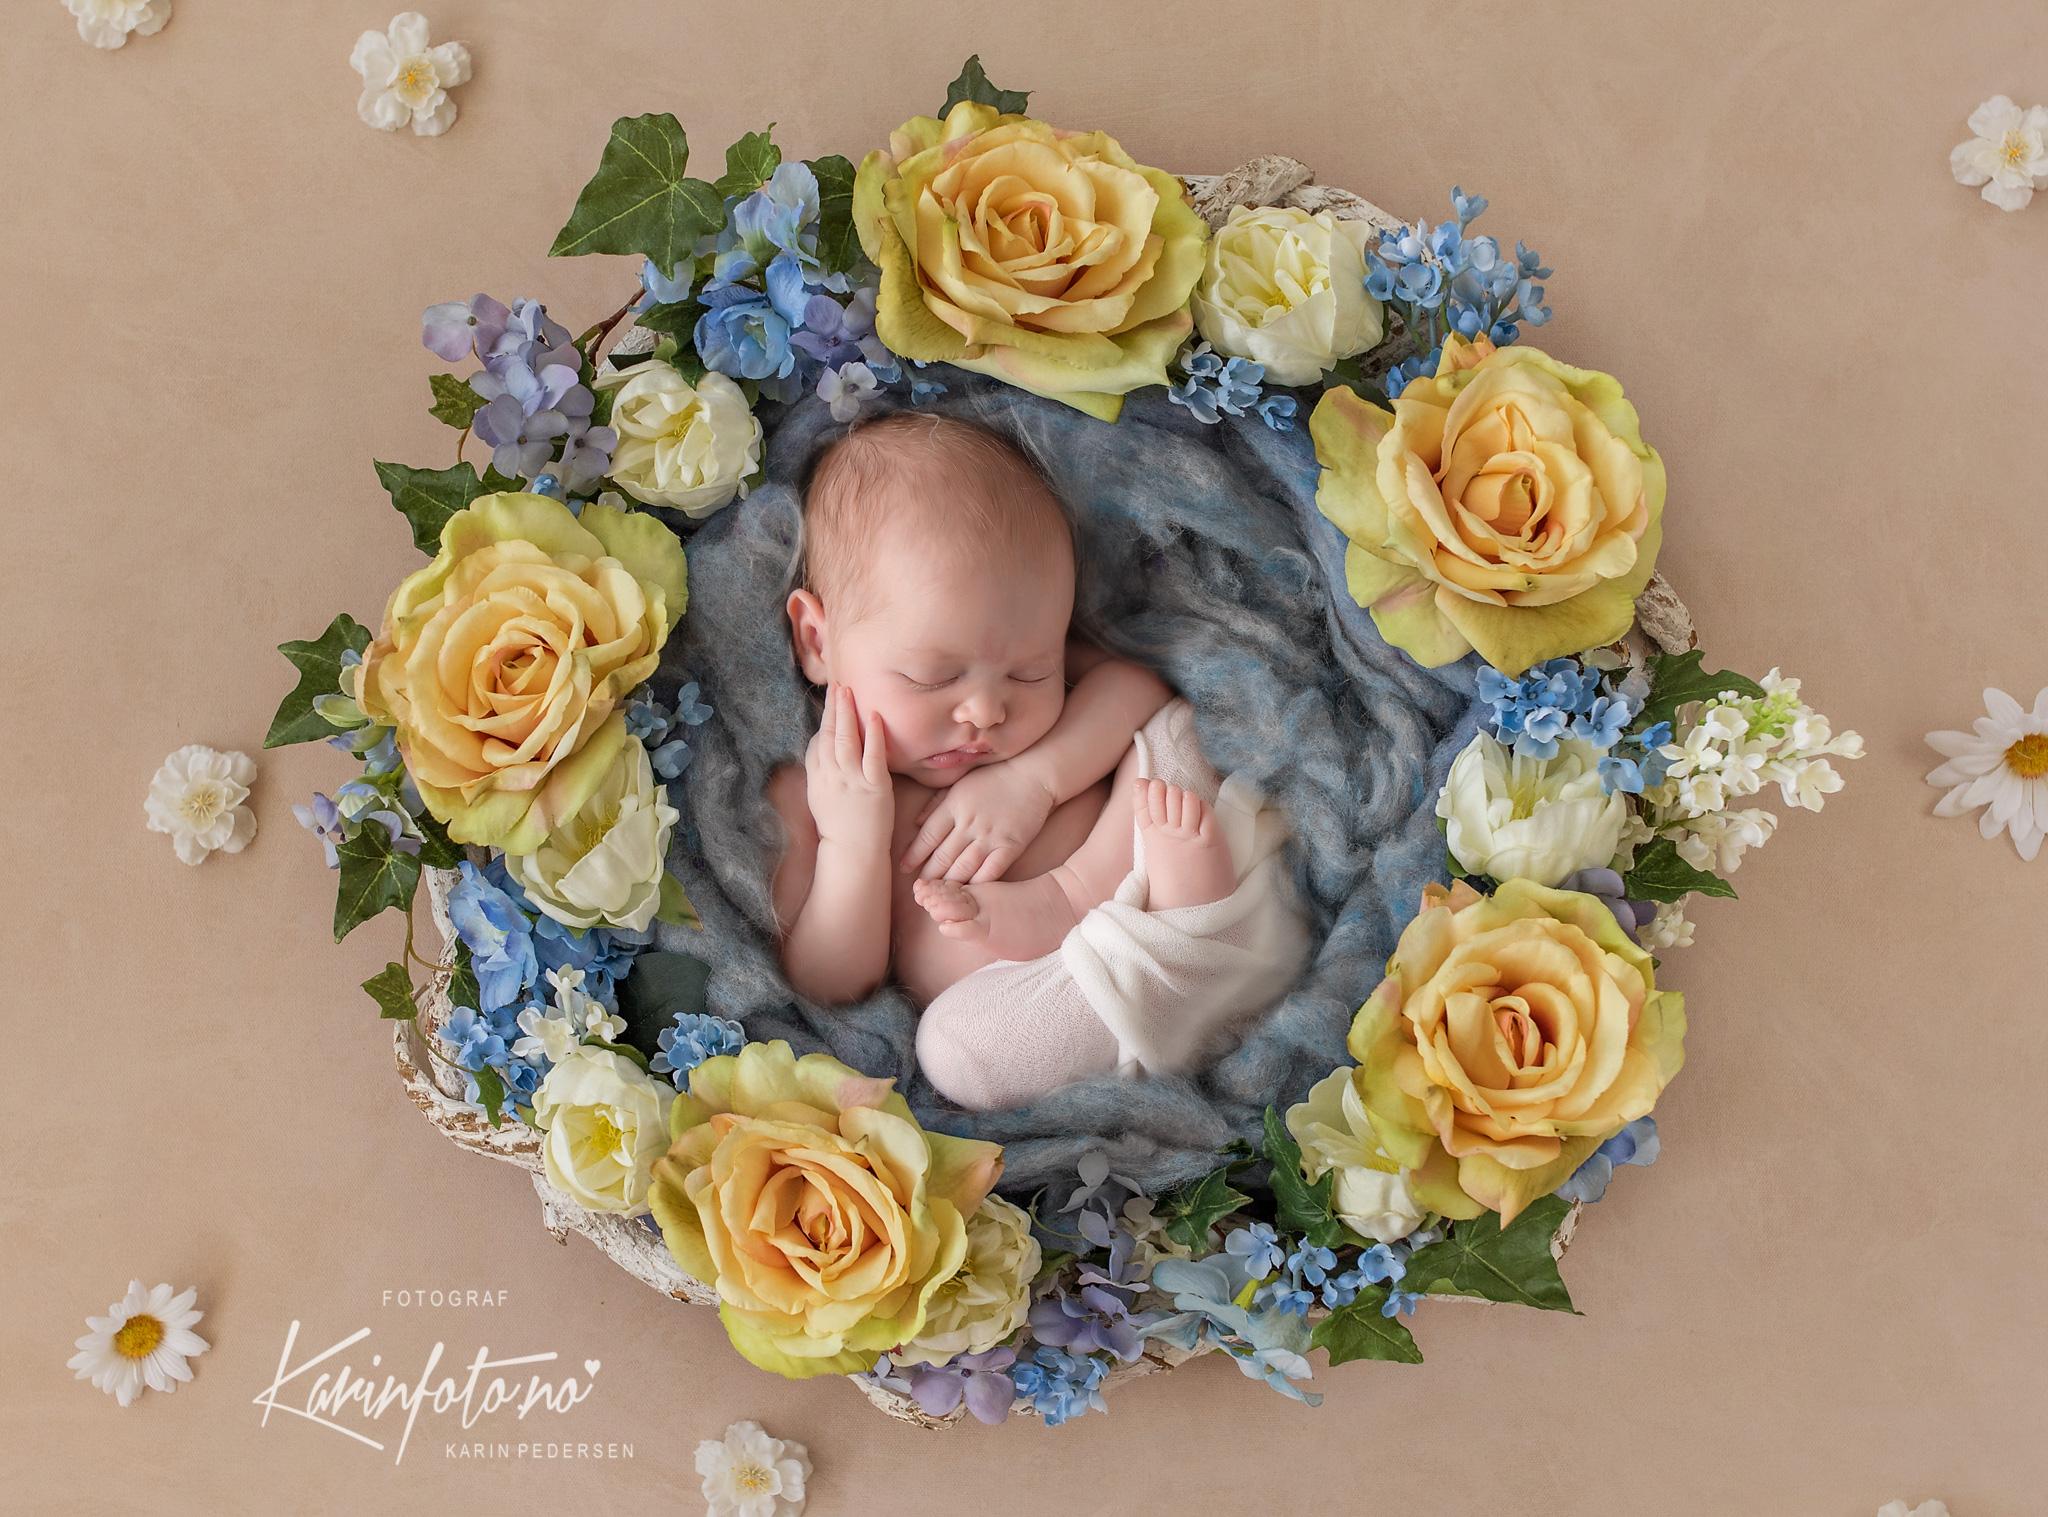 Nyfødtfotografering,fineart,blomster,fotograf,nyfødt,fotograf,baby,barsel,fødsel